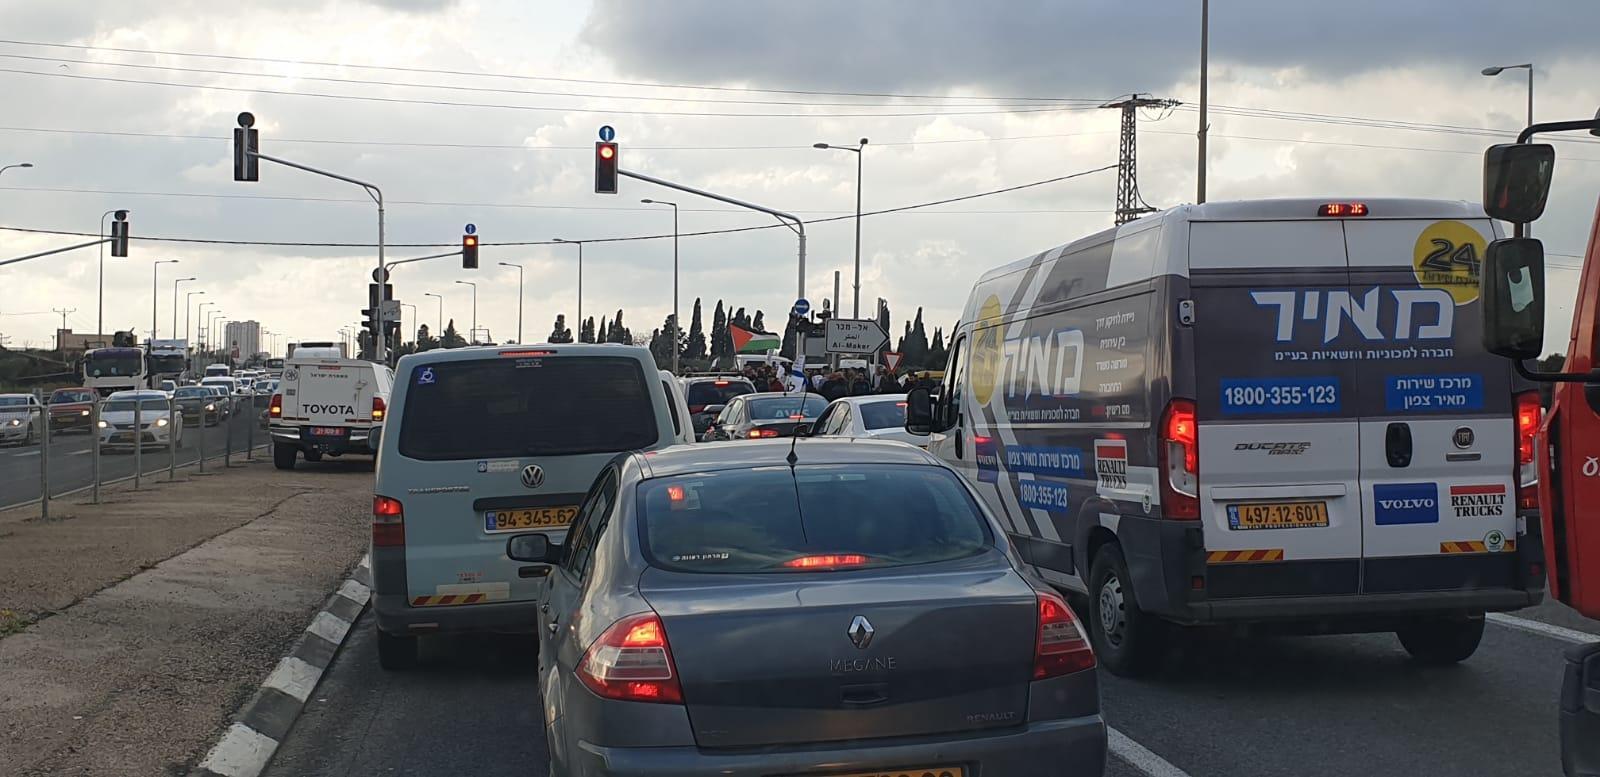 المكر: اعتقالات في فض تظاهرة احتجاج على مخطط طنطور